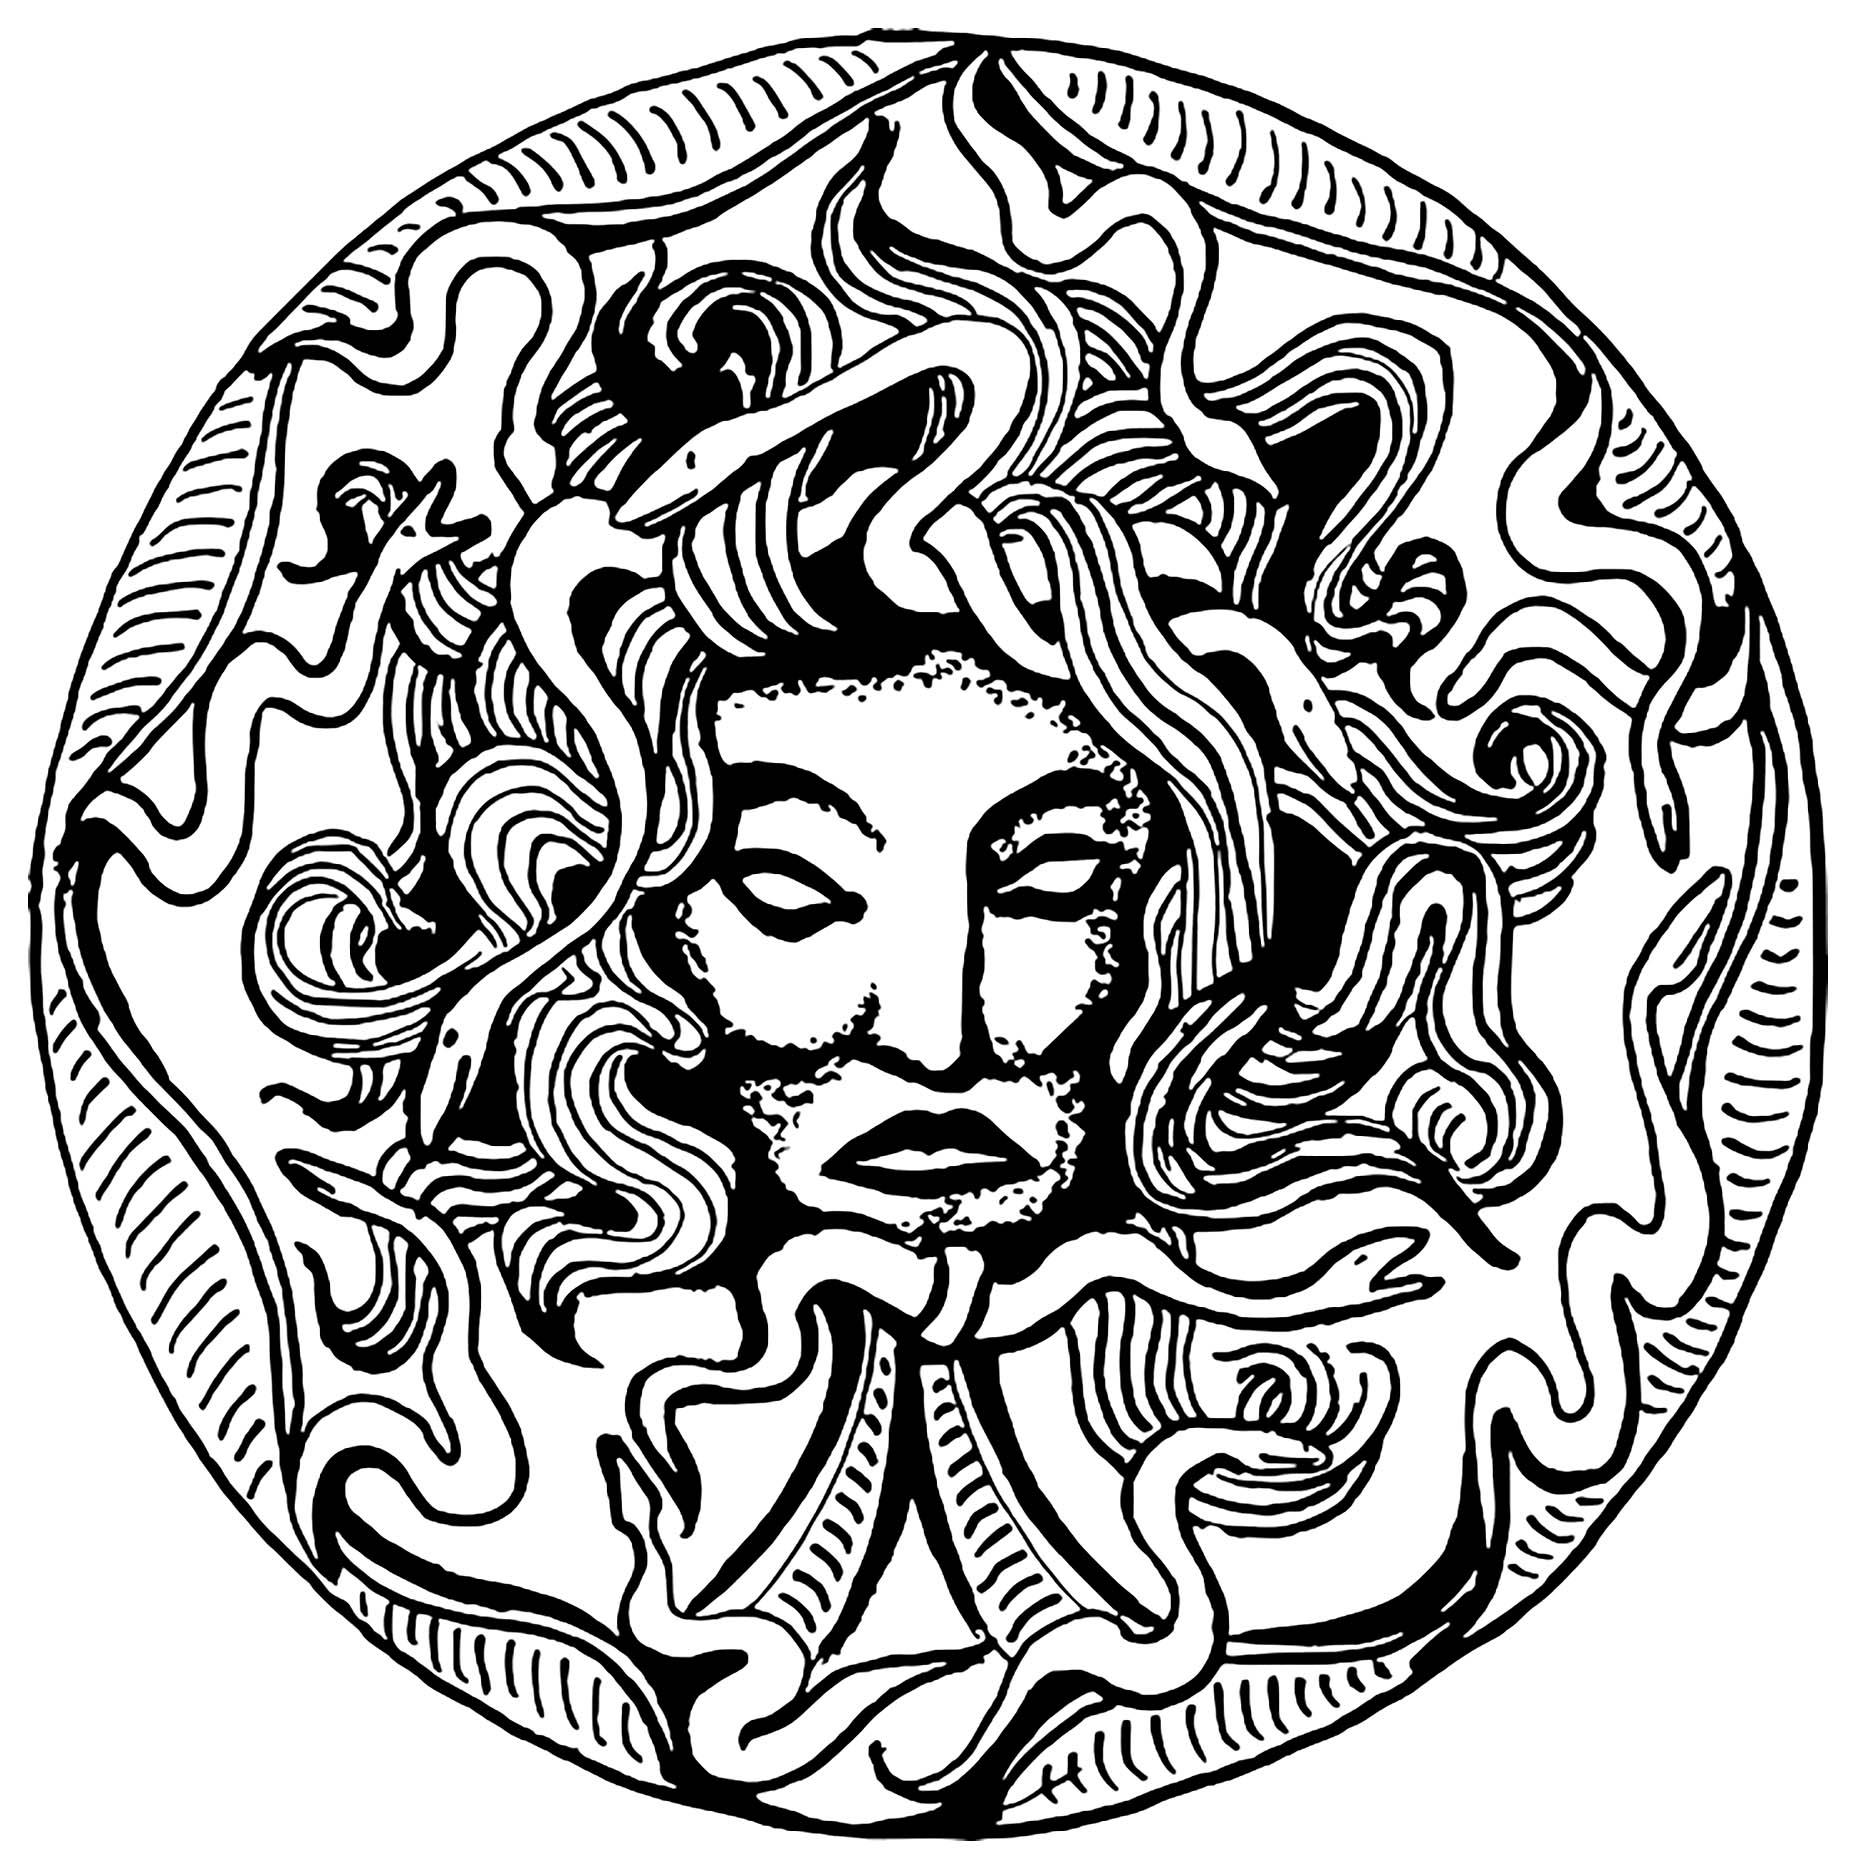 La tête de Médusa, dans un cercle (à partir d'une amulette)